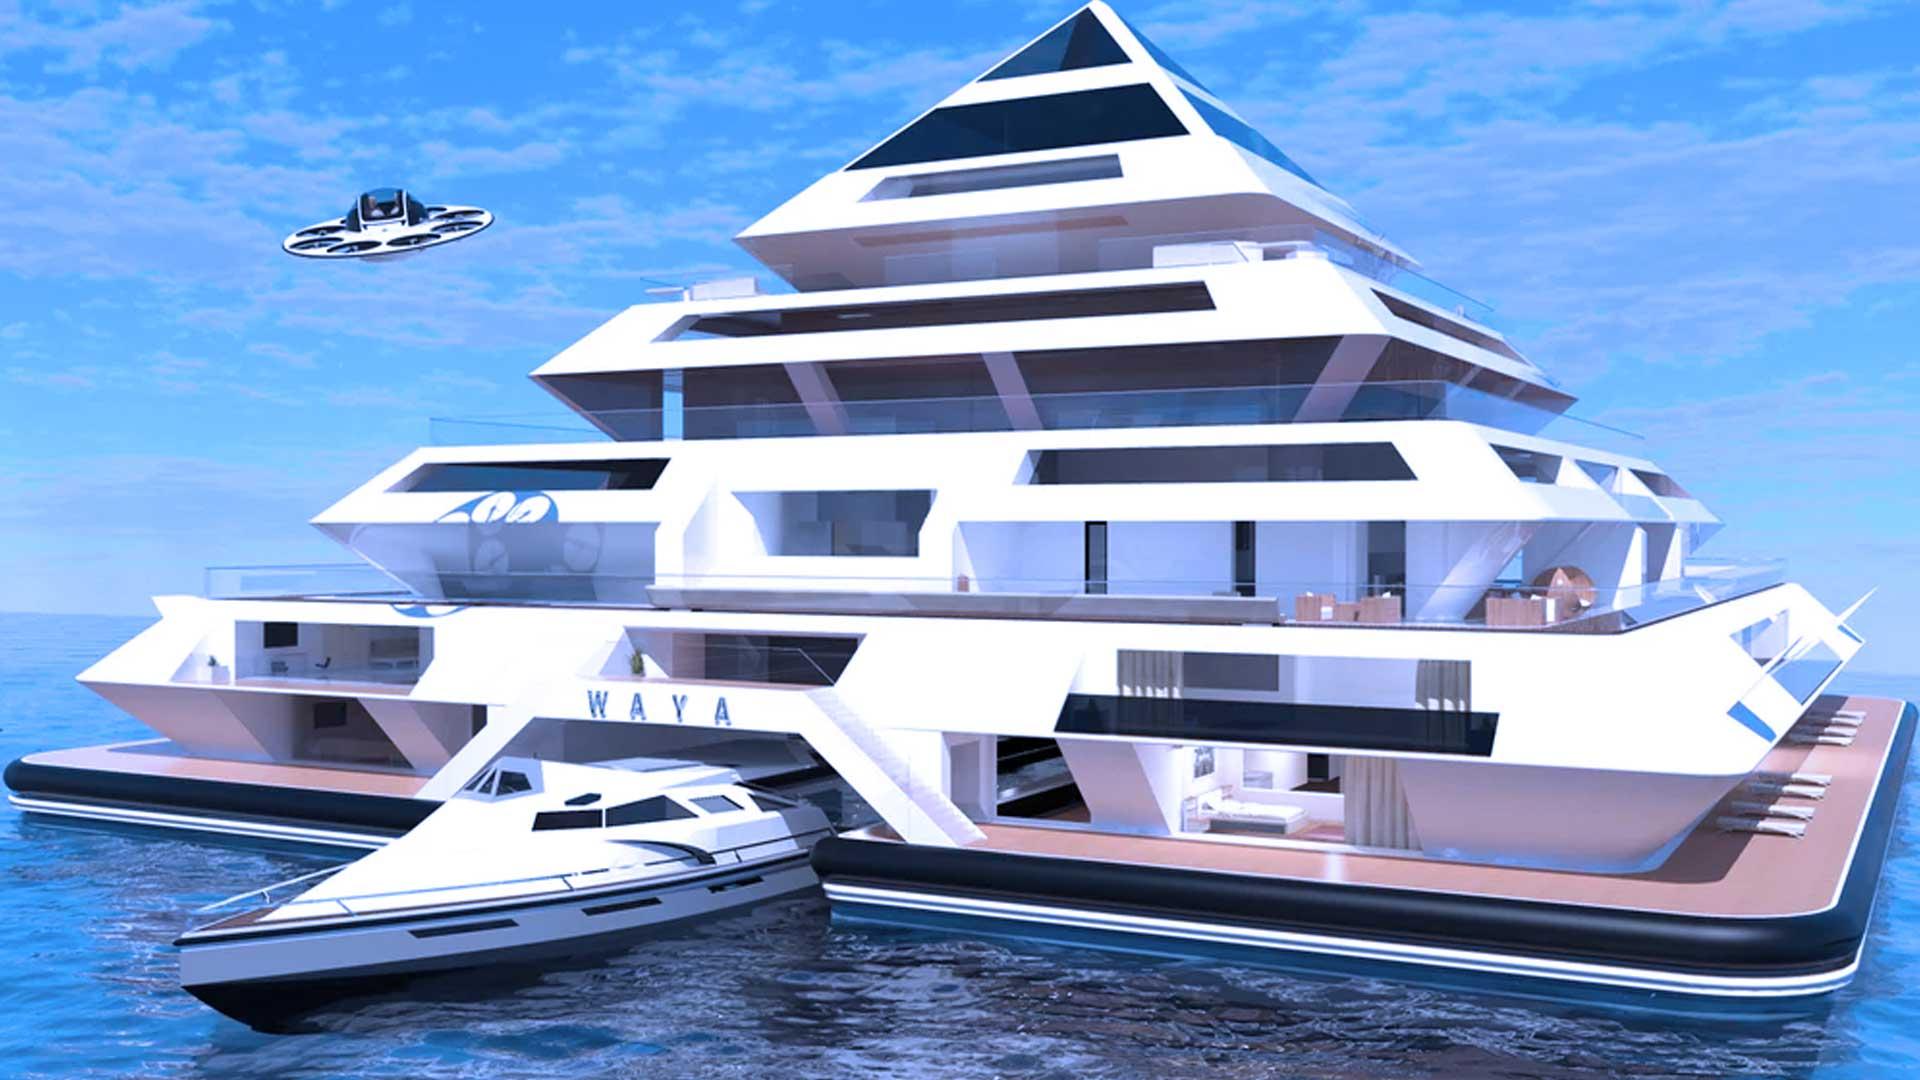 Wayaland, la ciudad futurista conformada por pirámides flotantes